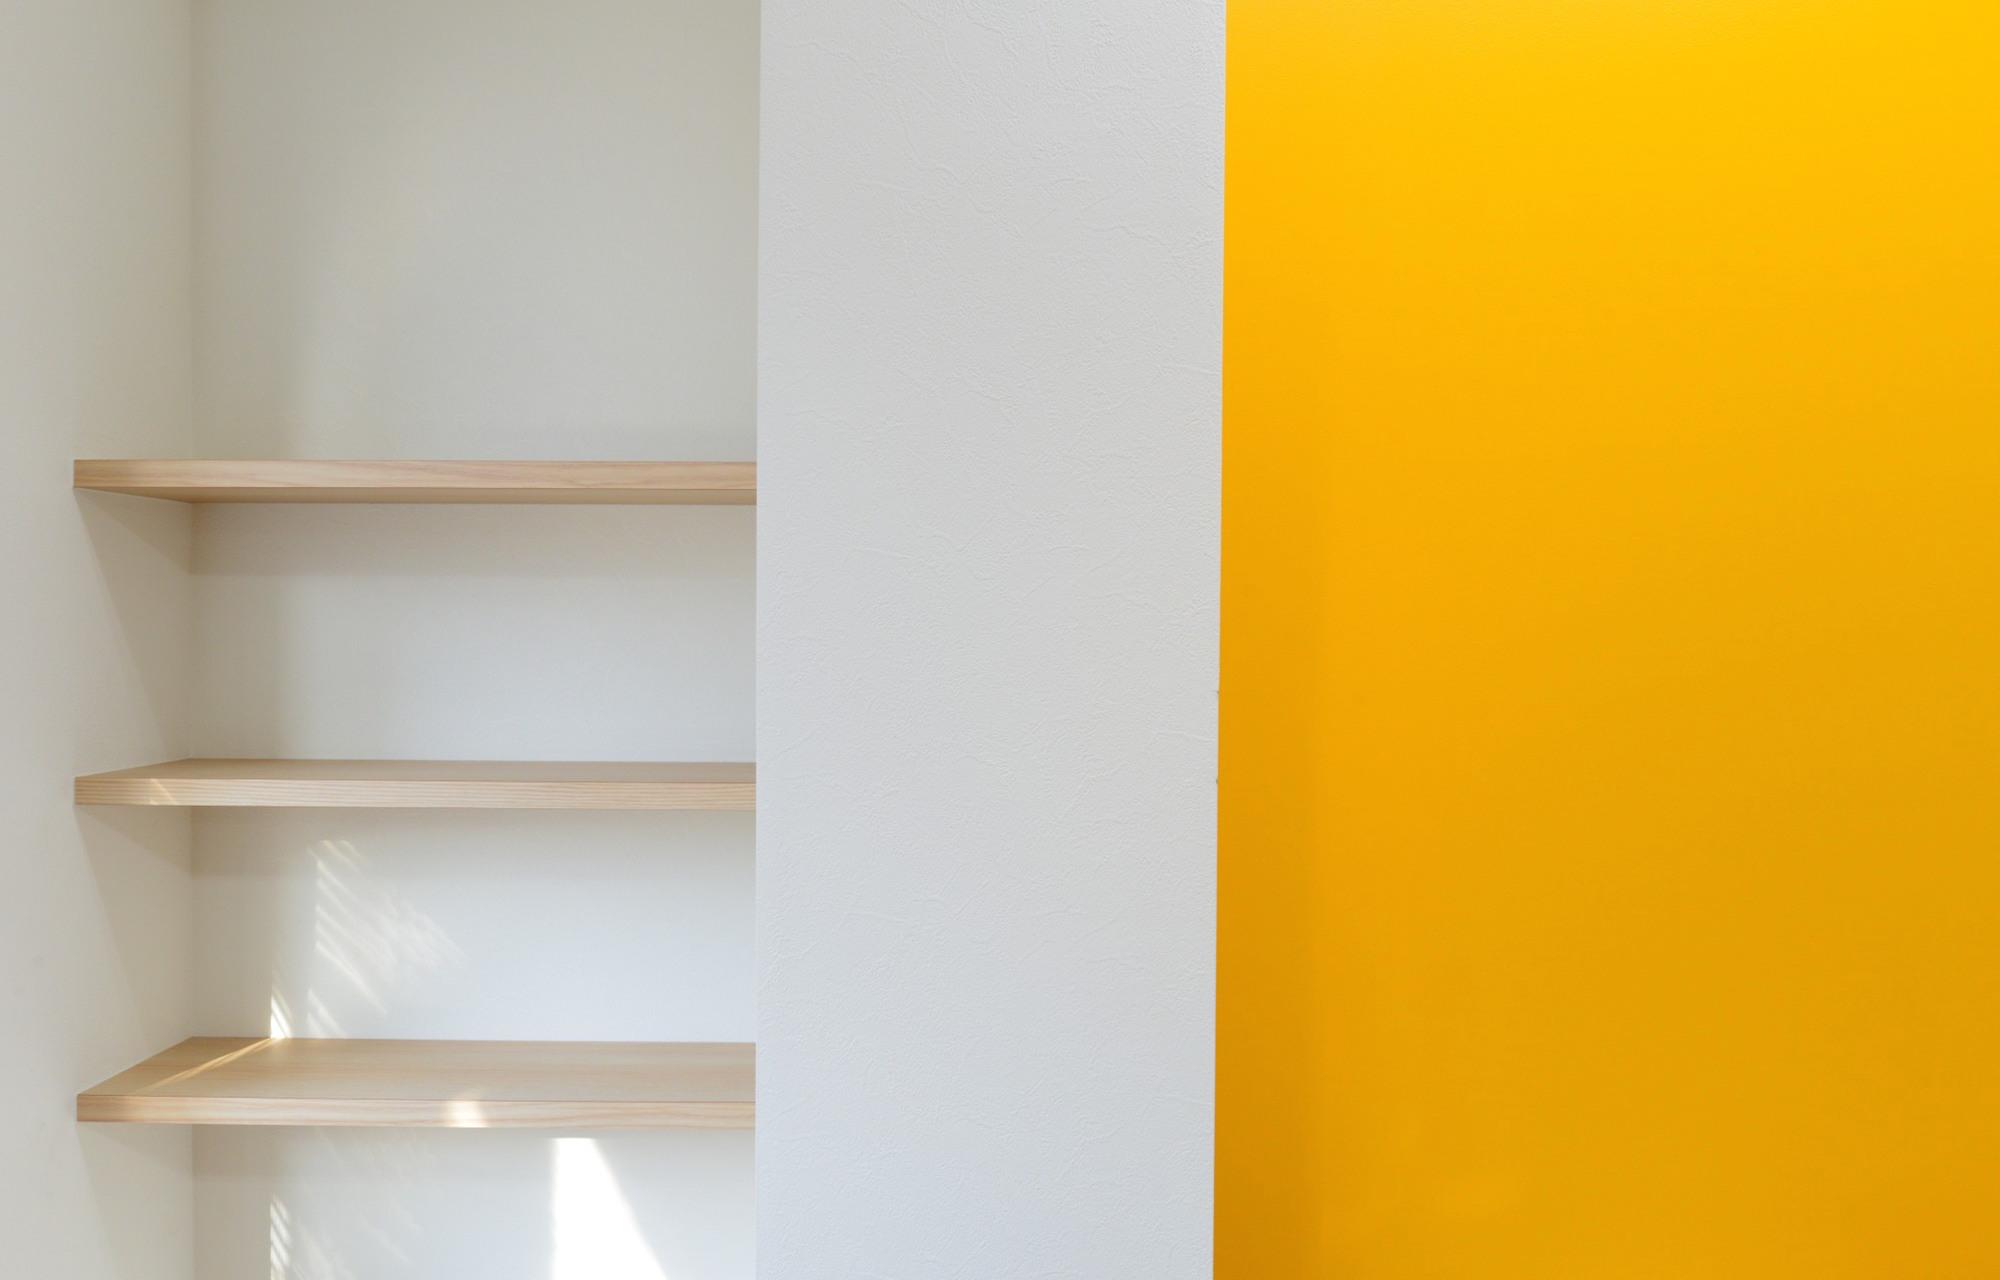 アニメーション制作会社 (社名非公開) Shelf デザイン・レイアウト事例